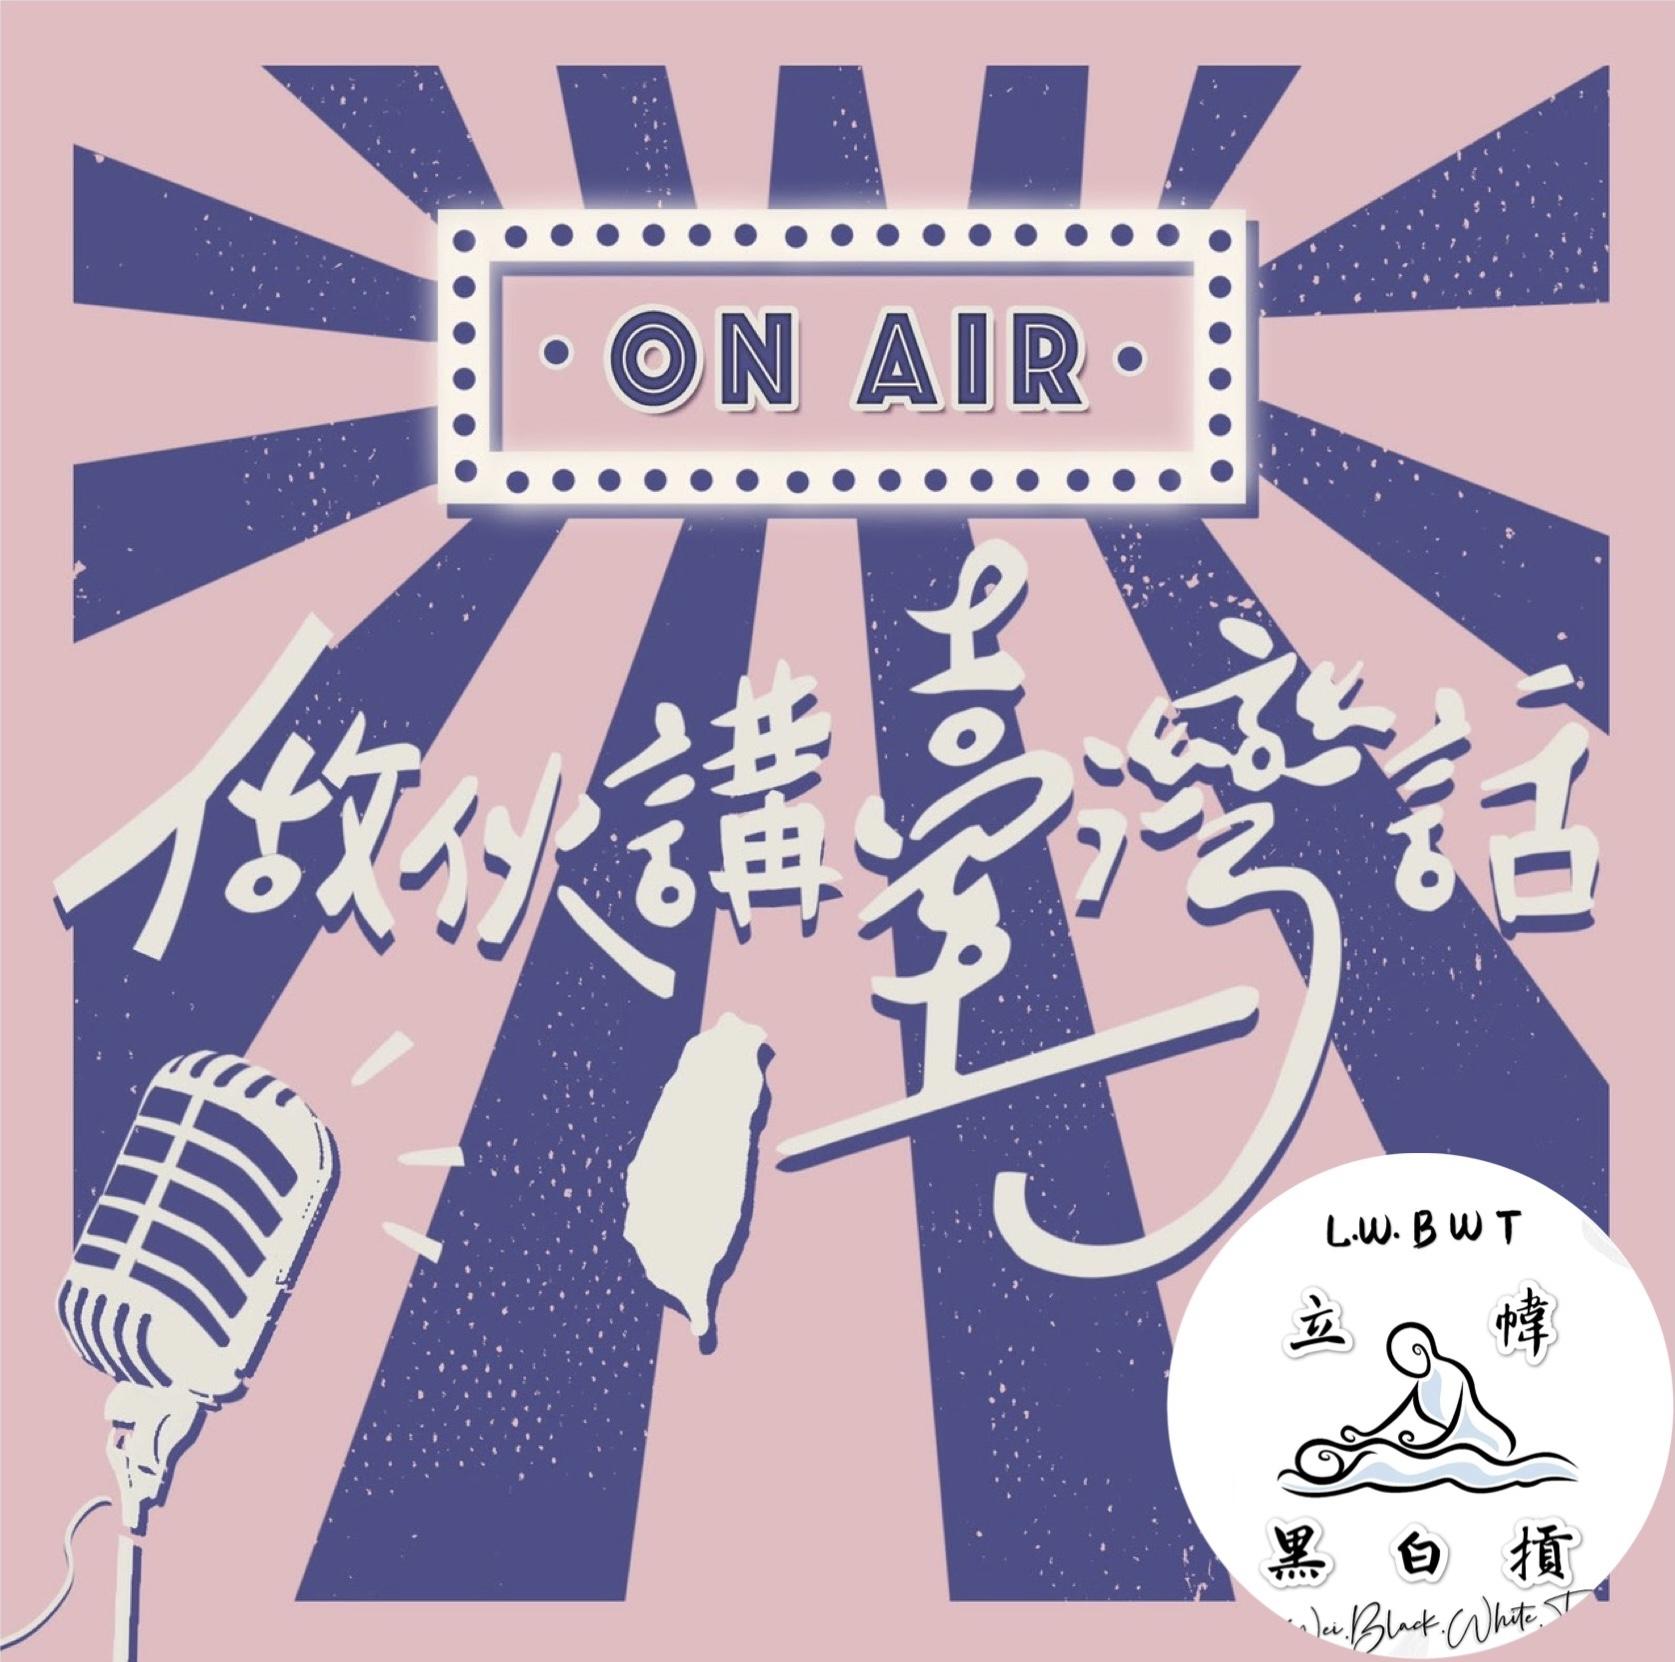 [活動企劃]EP.1 《台語週特別企劃》立幃貢台語厘語ft.各大podcasters